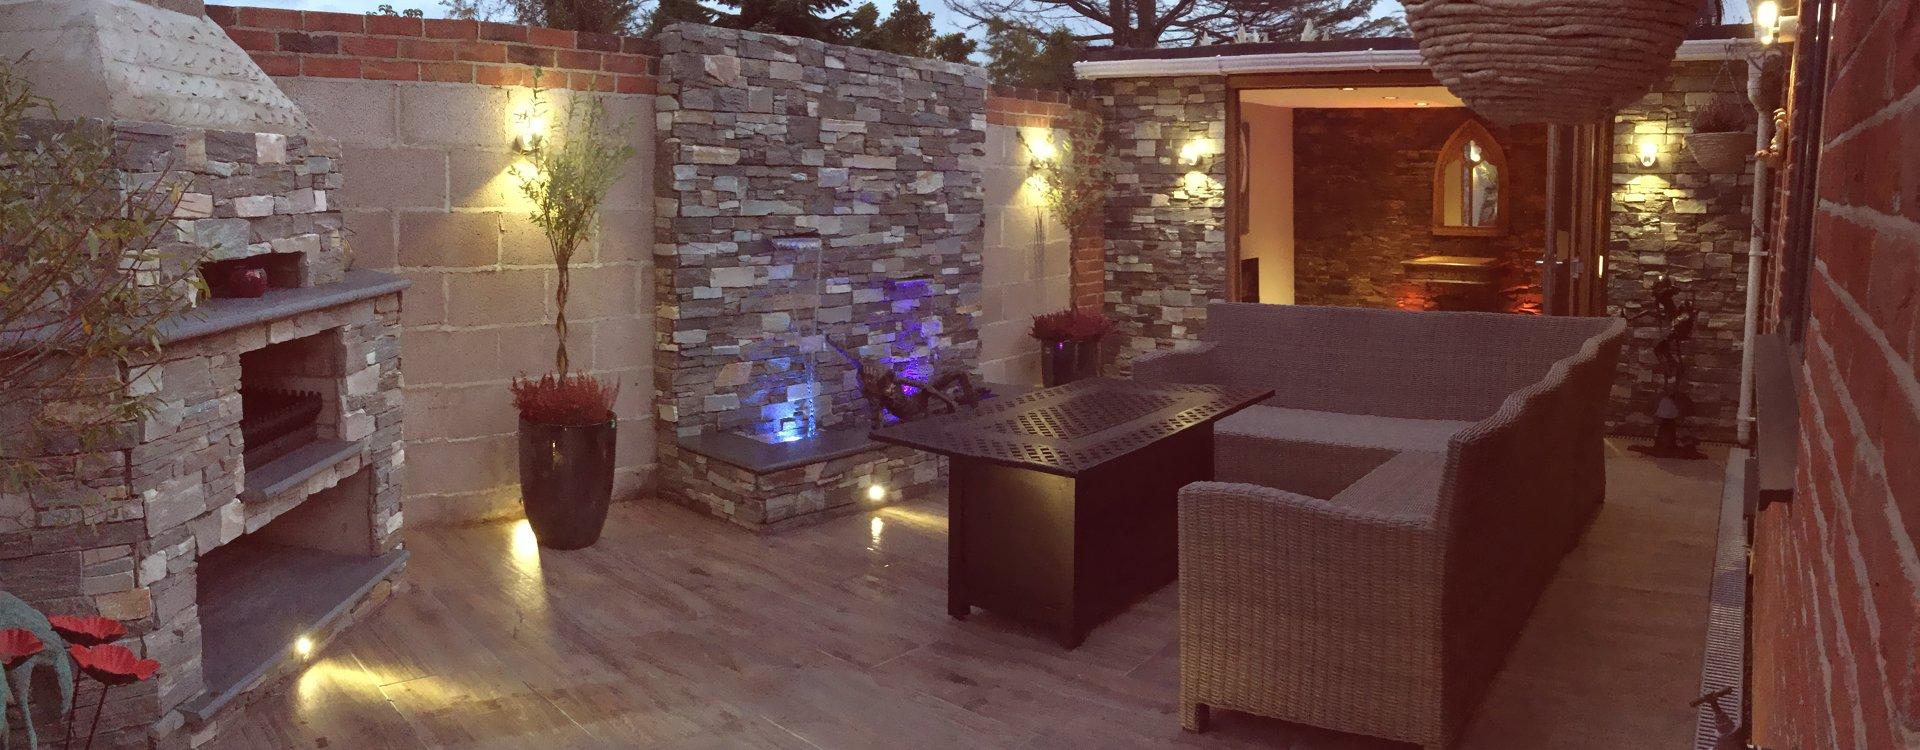 outdoor seating arrangement